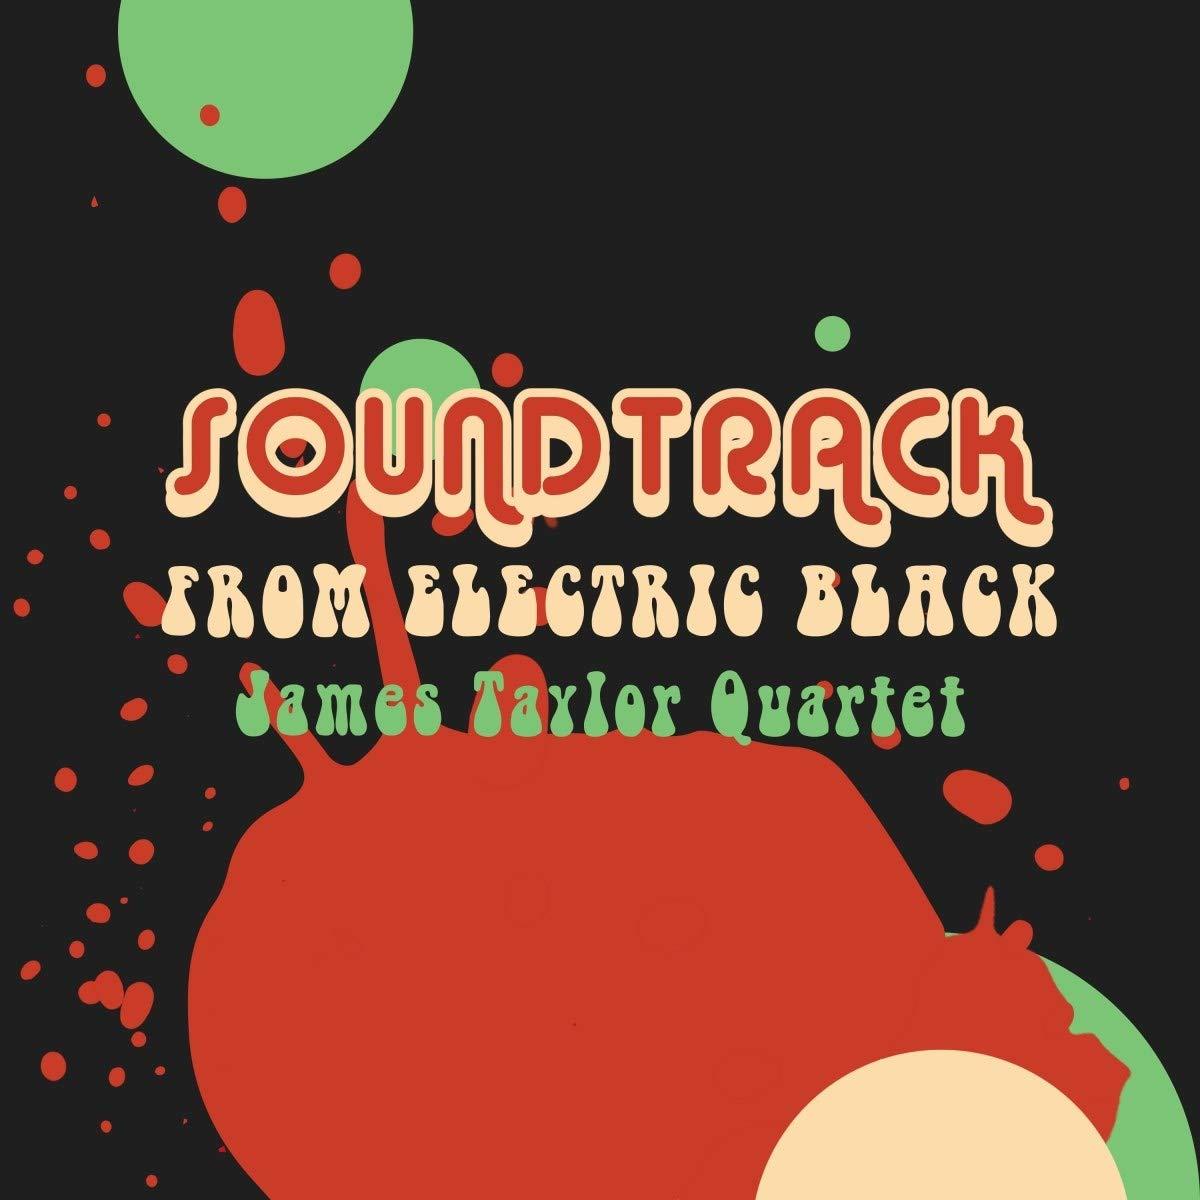 James Taylor Quartet - Soundtrack From Electric Black